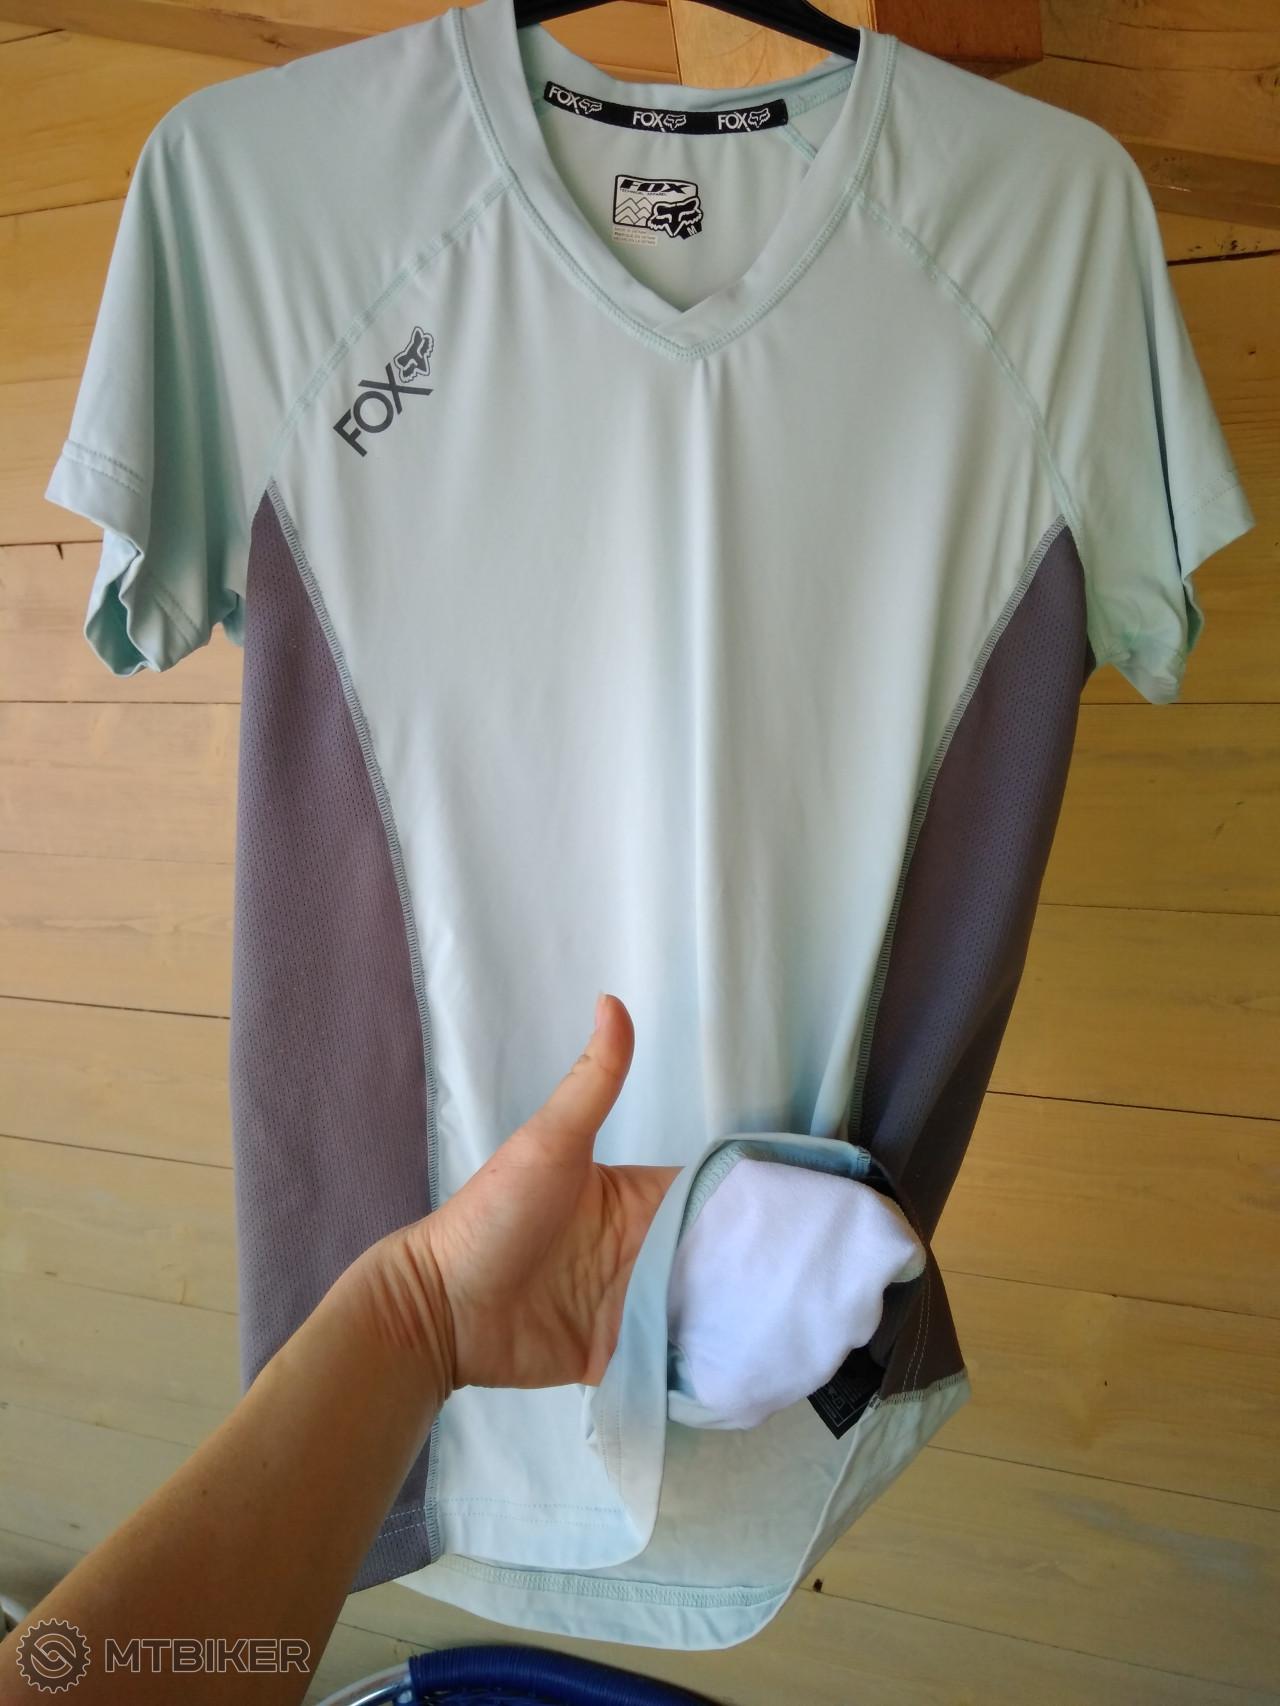 4b38917fd6da Dámske Tričko dres Fox Veľkosť M - Príslušenstvo - Oblečenie a batohy - Bazár  MTBIKER